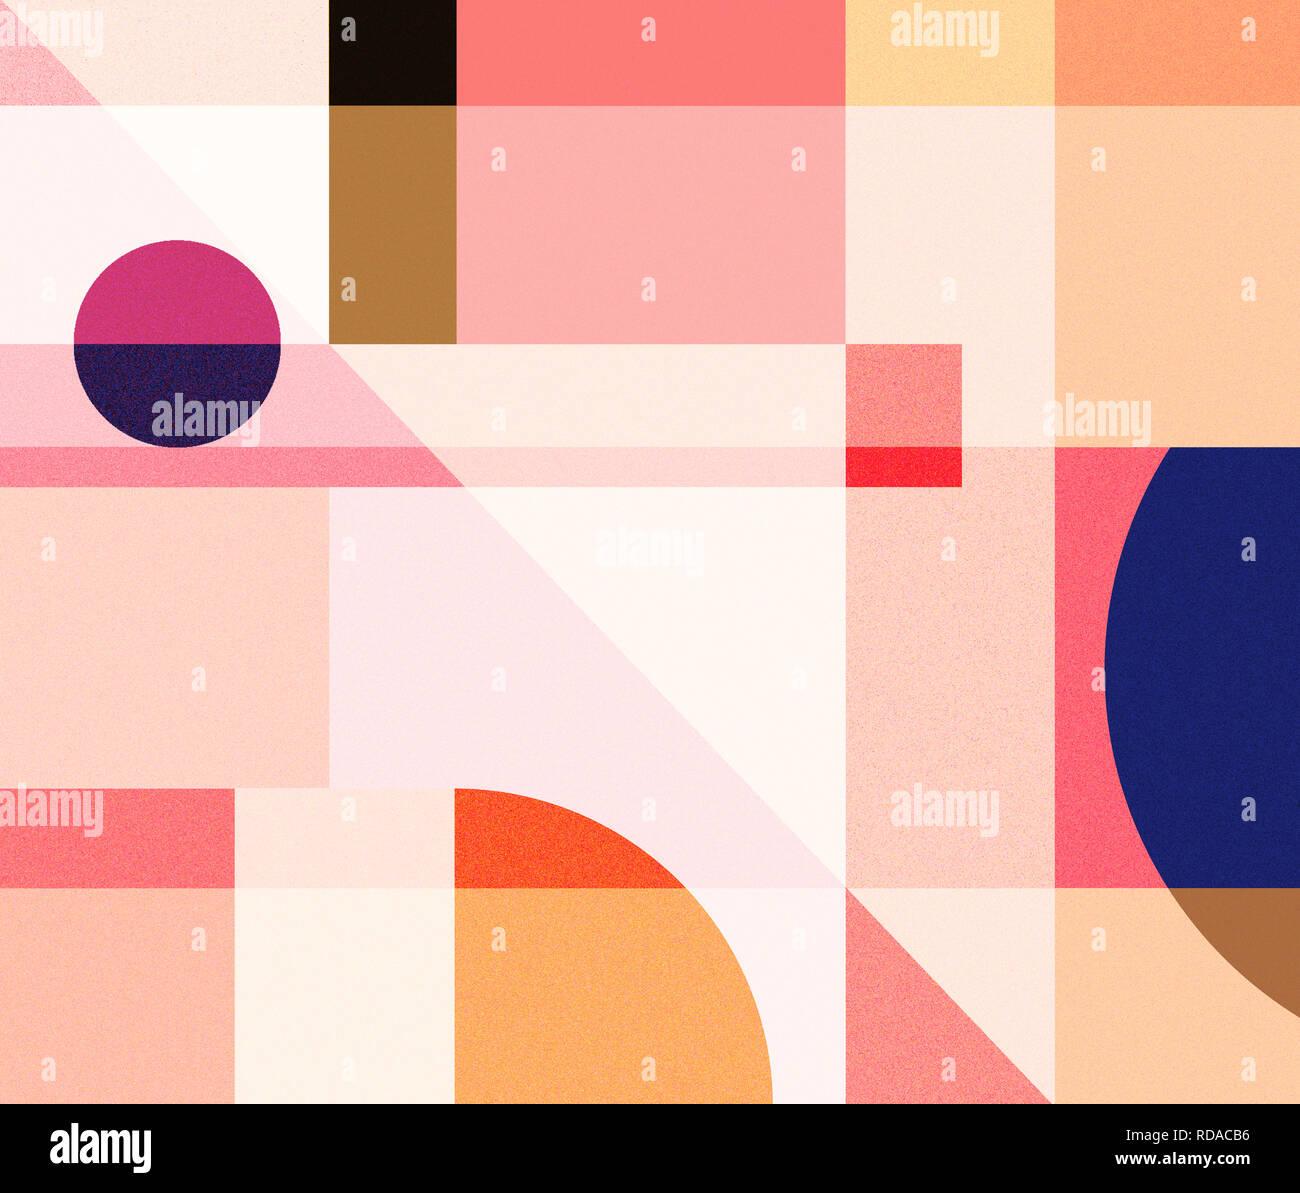 Vecteur d'art abstrait géométrique poster avec masque simple et minimaliste des formes des chiffres. Banque D'Images